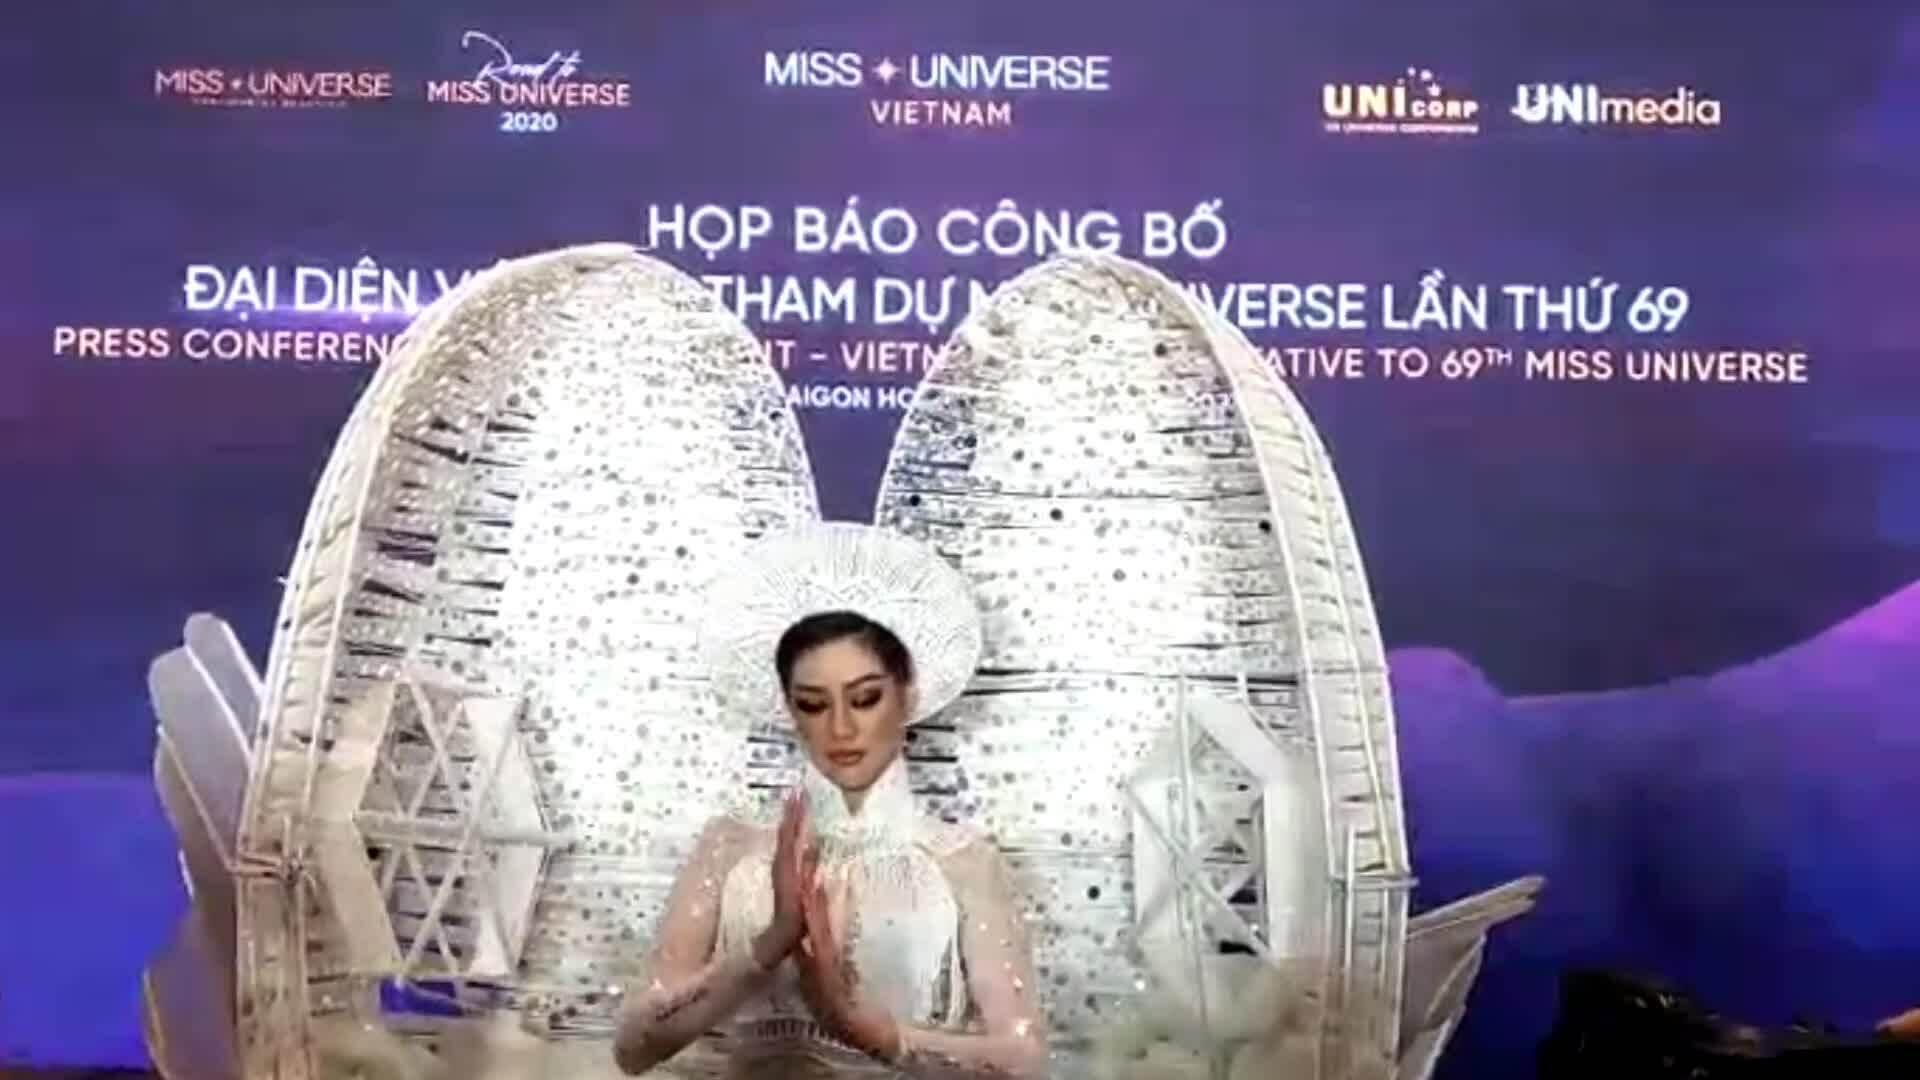 Khánh Vân trình diễn trang phục dân tộc tại họp báo